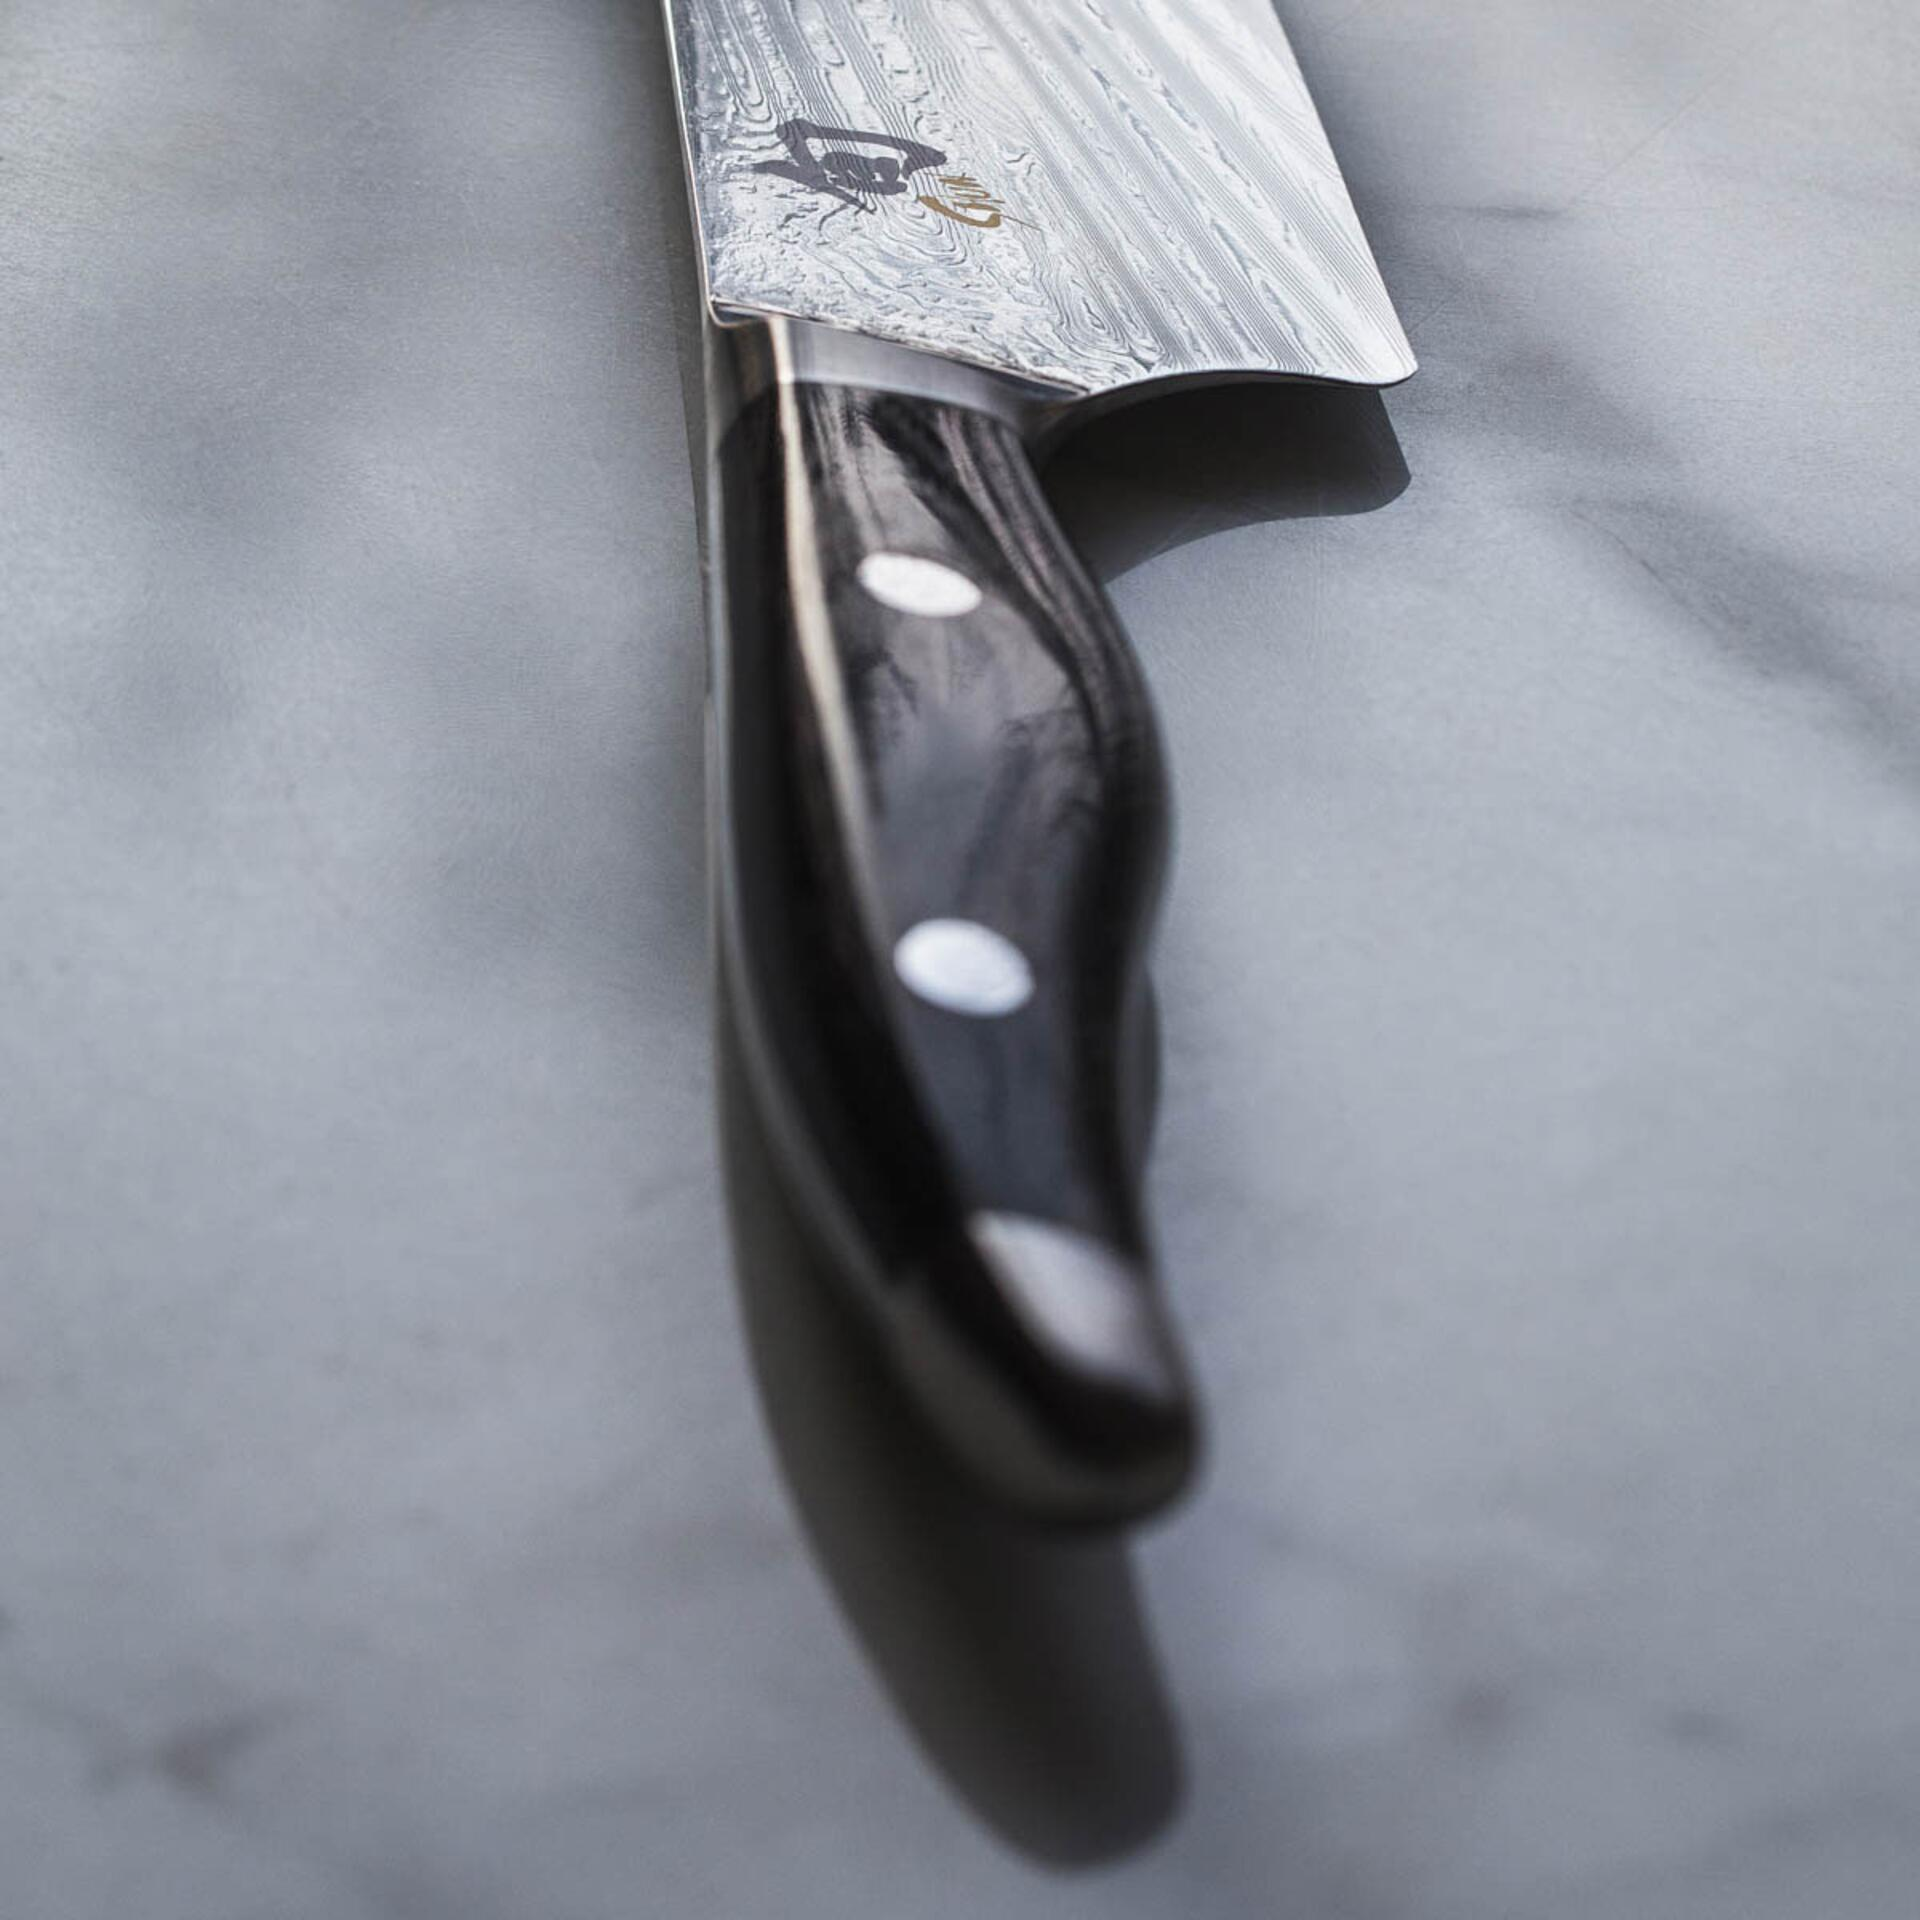 KAI Shun Nagare Officemesser Schälmesser 9 cm NDC-0700